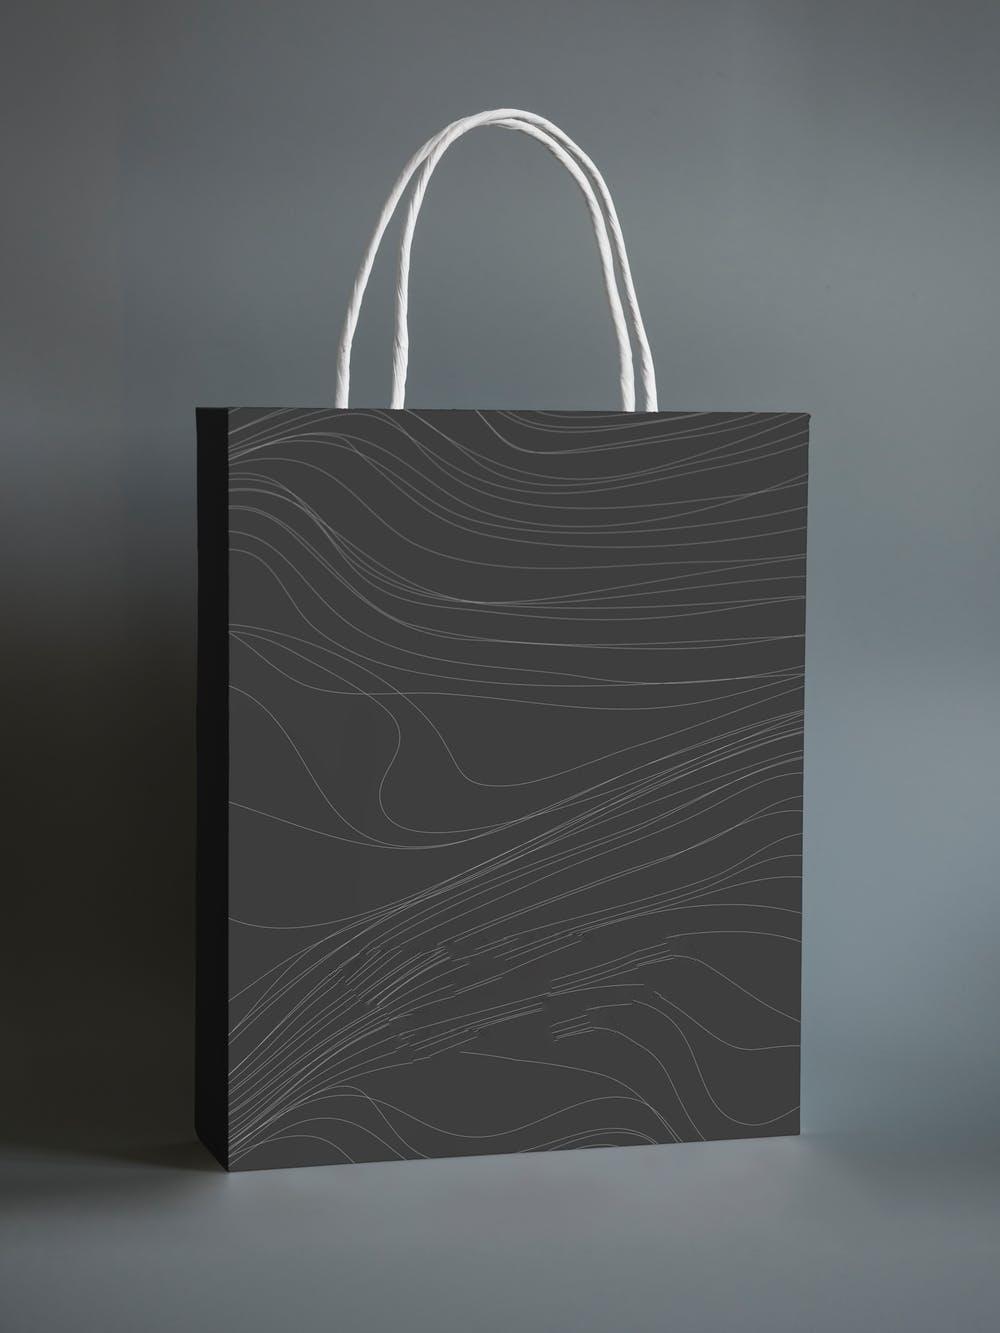 海口哪里买品质良好的包装